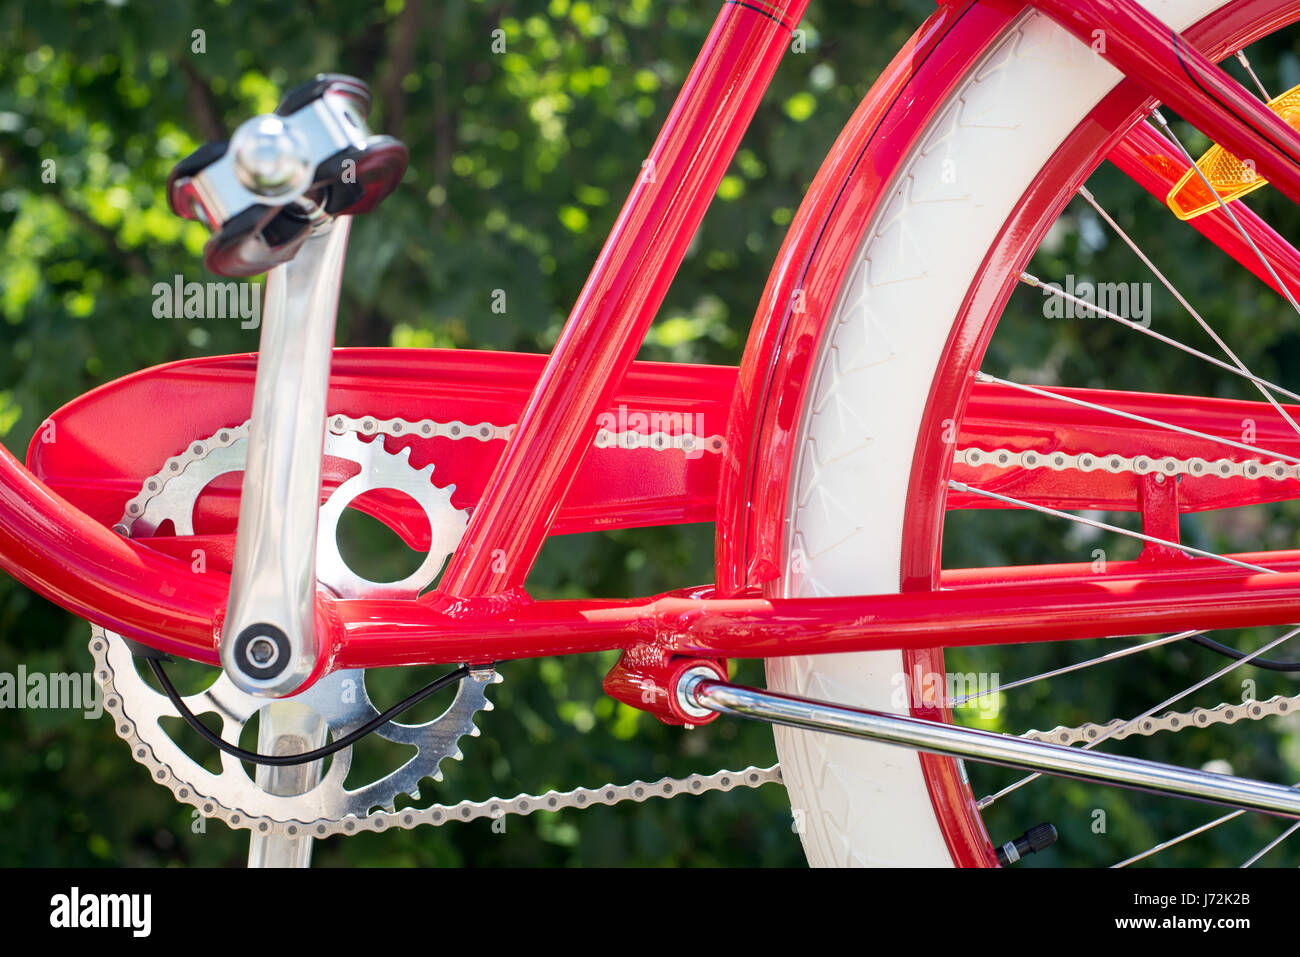 Parte del rosso telaio bicyle, la catena e il pedale su sfondo verde, il concetto di uno stile di vita sano e mezzi Immagini Stock